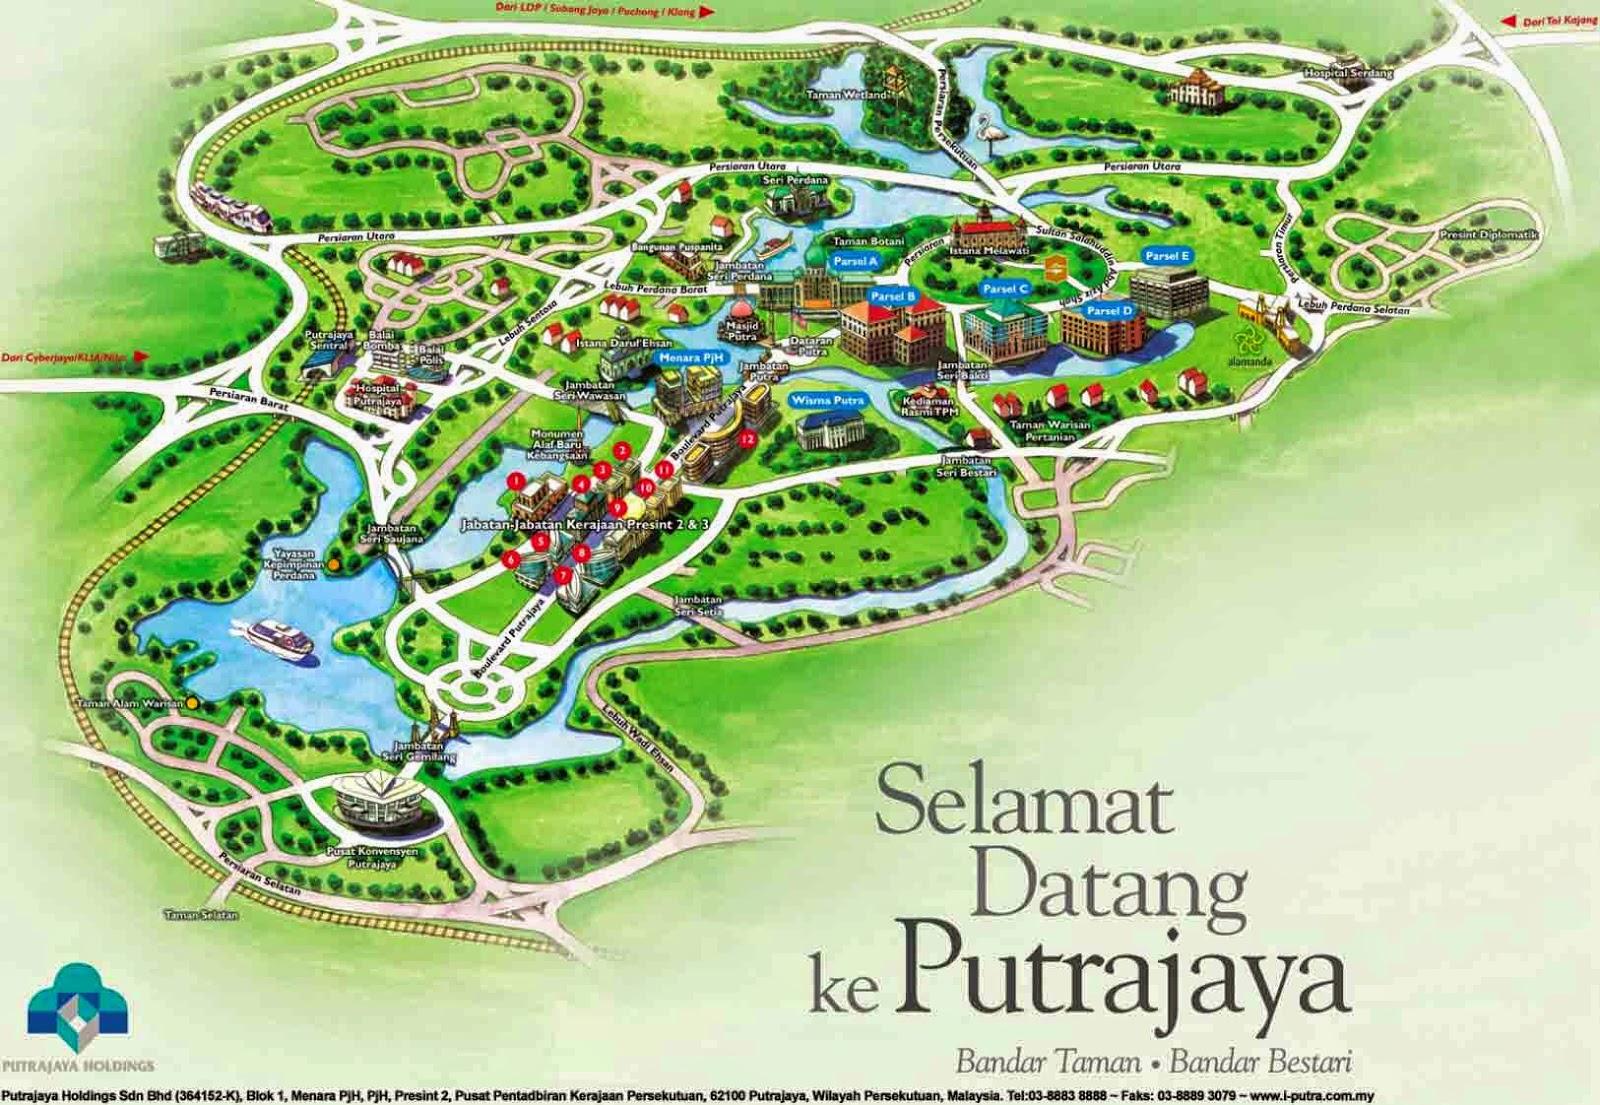 putrajaya, malaysia, kuala lumpur, bandar taman, bandar bestari, putrajaya sentral, boulevard putrajaya, sunset putrajaya, jembatan seri wawasan, peta putrajaya, maps putrajaya